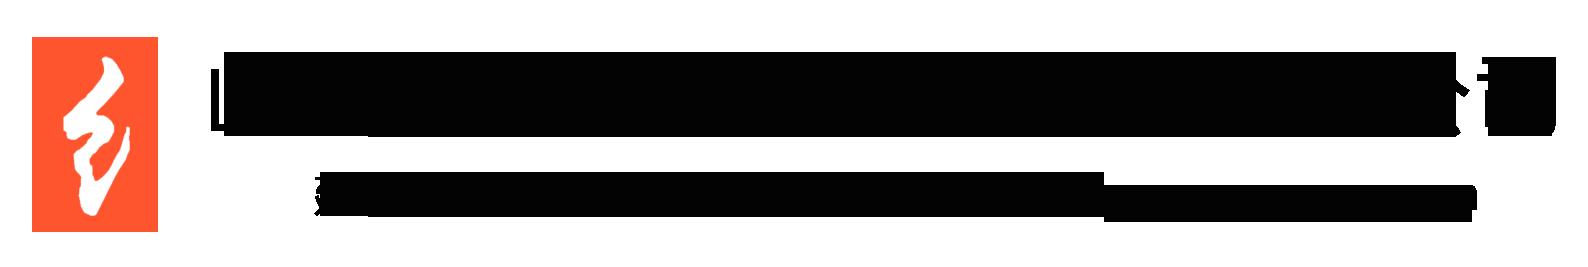 山东弯曲线装饰工程有限公司